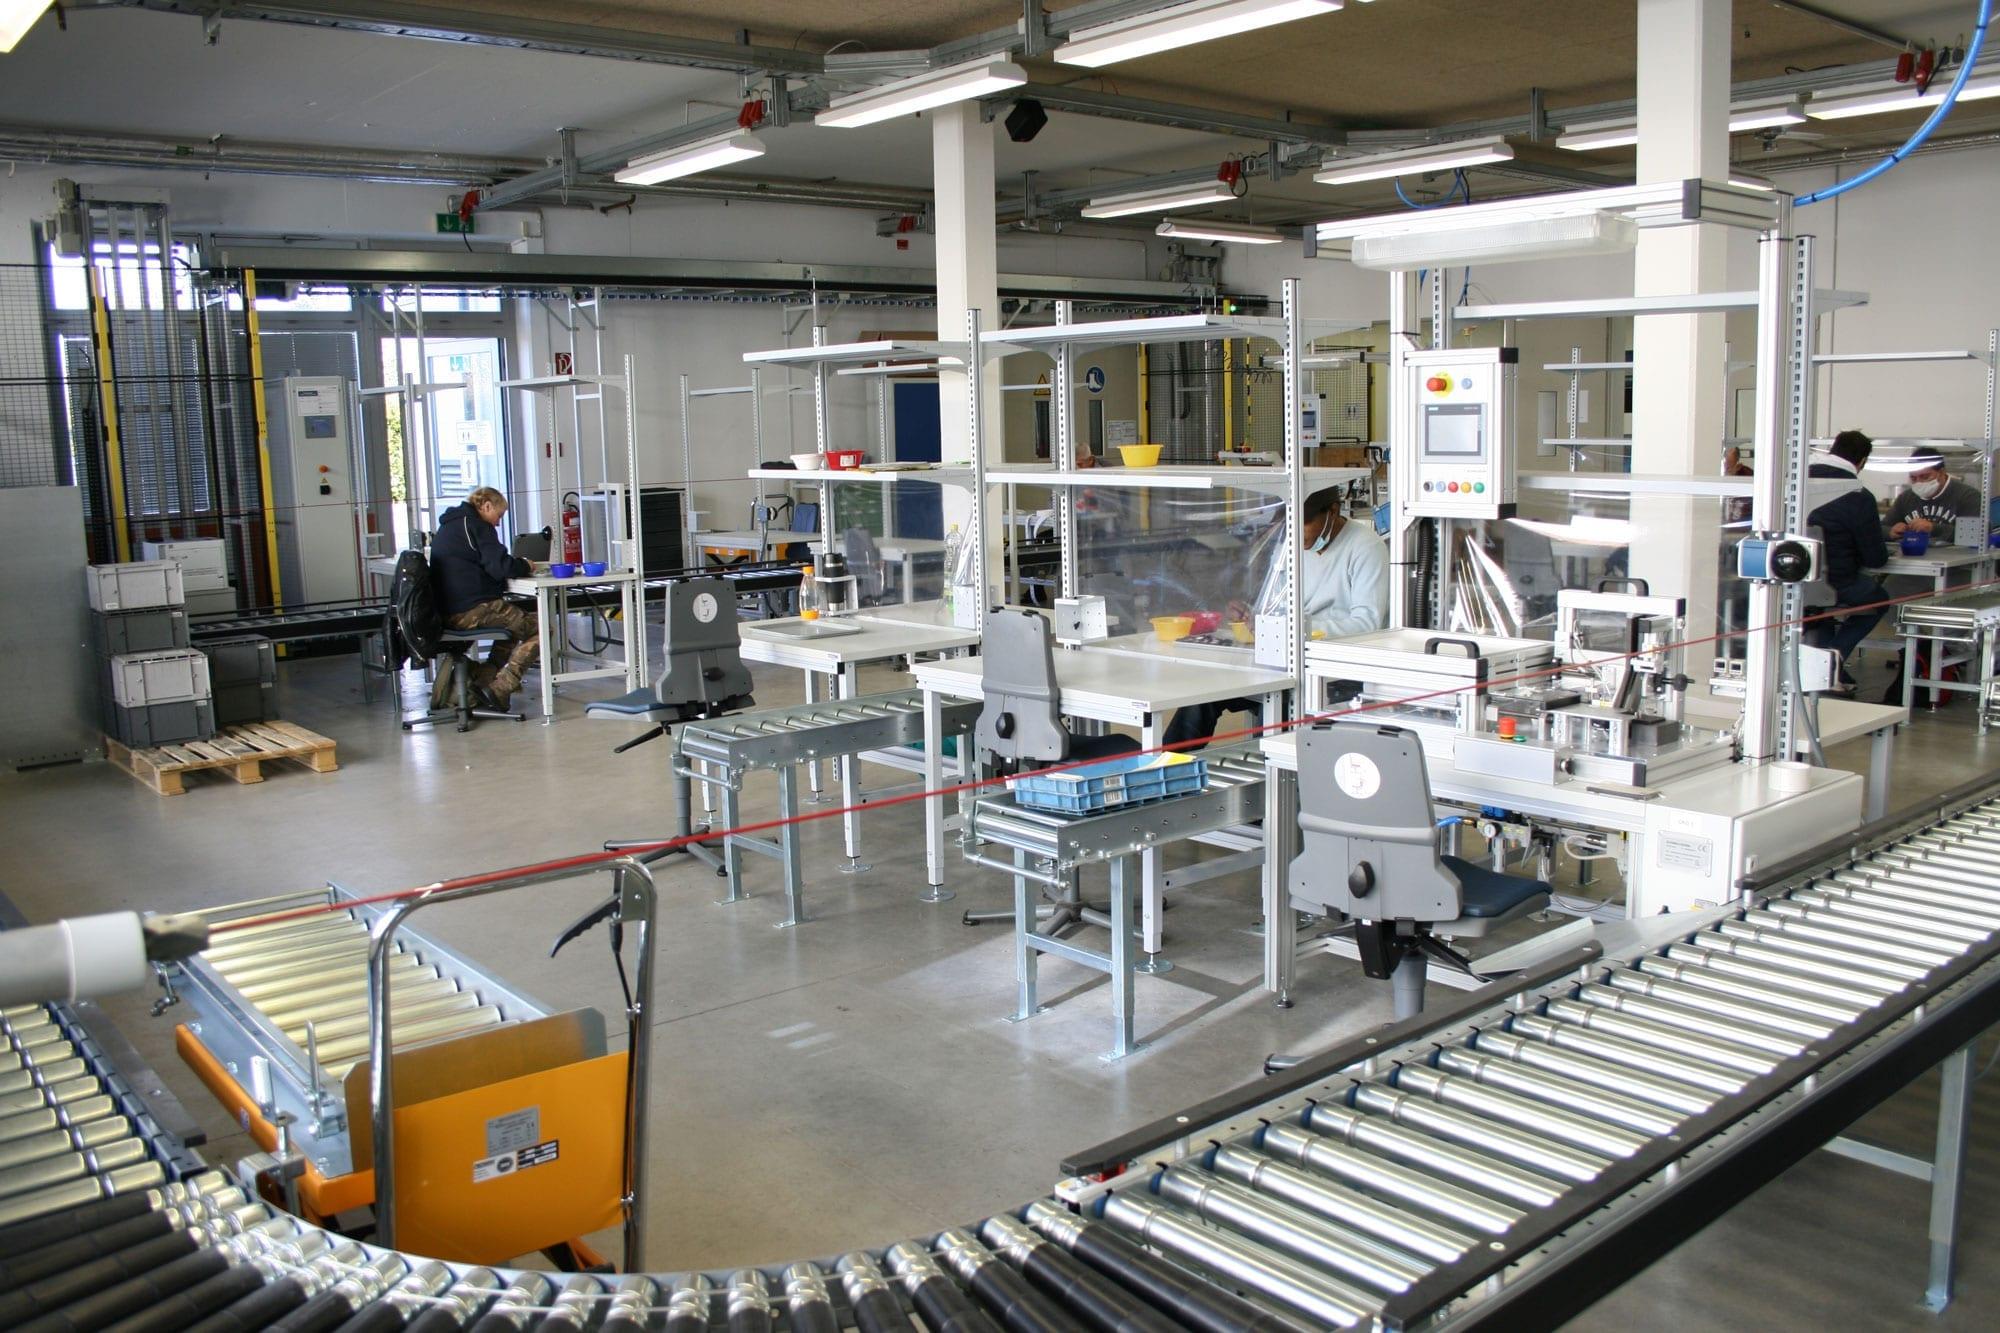 Rollband in einer Halle, in der Industrie- und Elektromontage betrieben wird